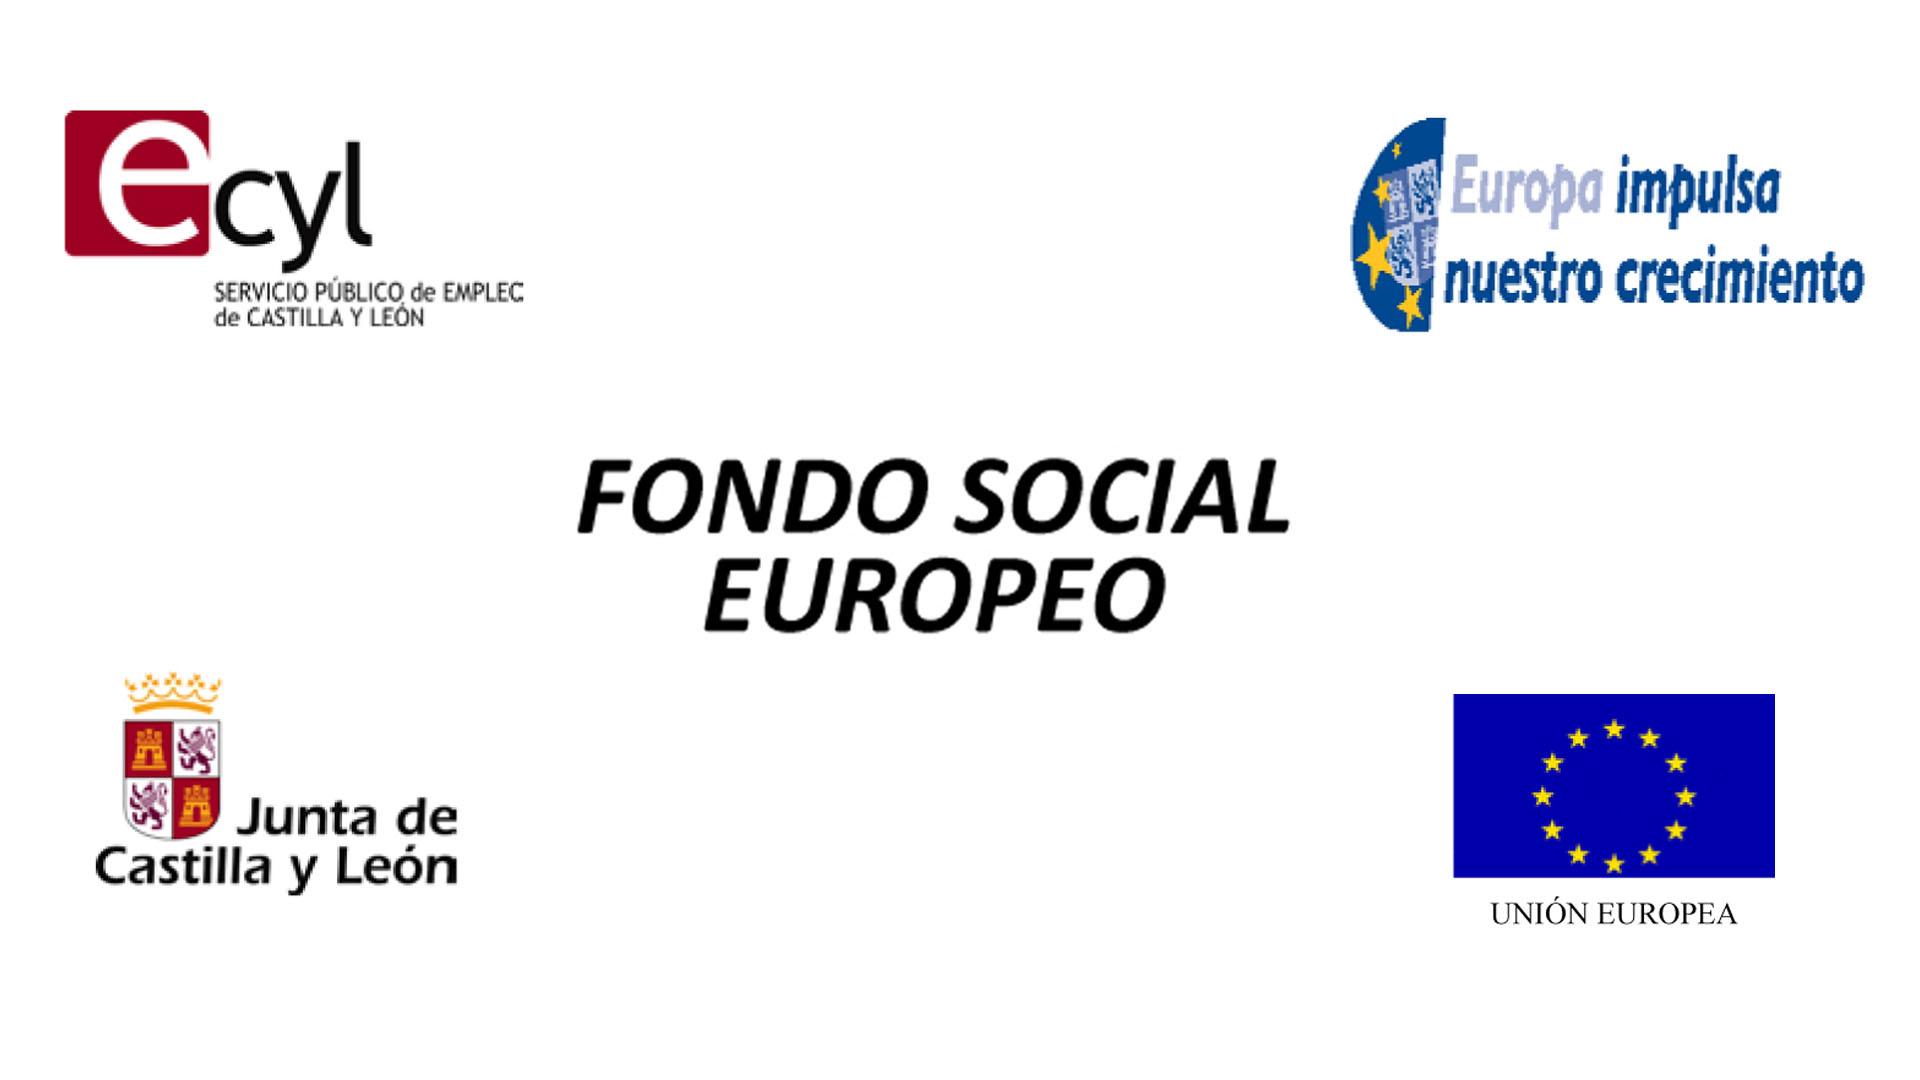 Fondo Social Europeo y ECYL conceden una ayuda Autismo Burgos para contratar a 2 personas desempleadas